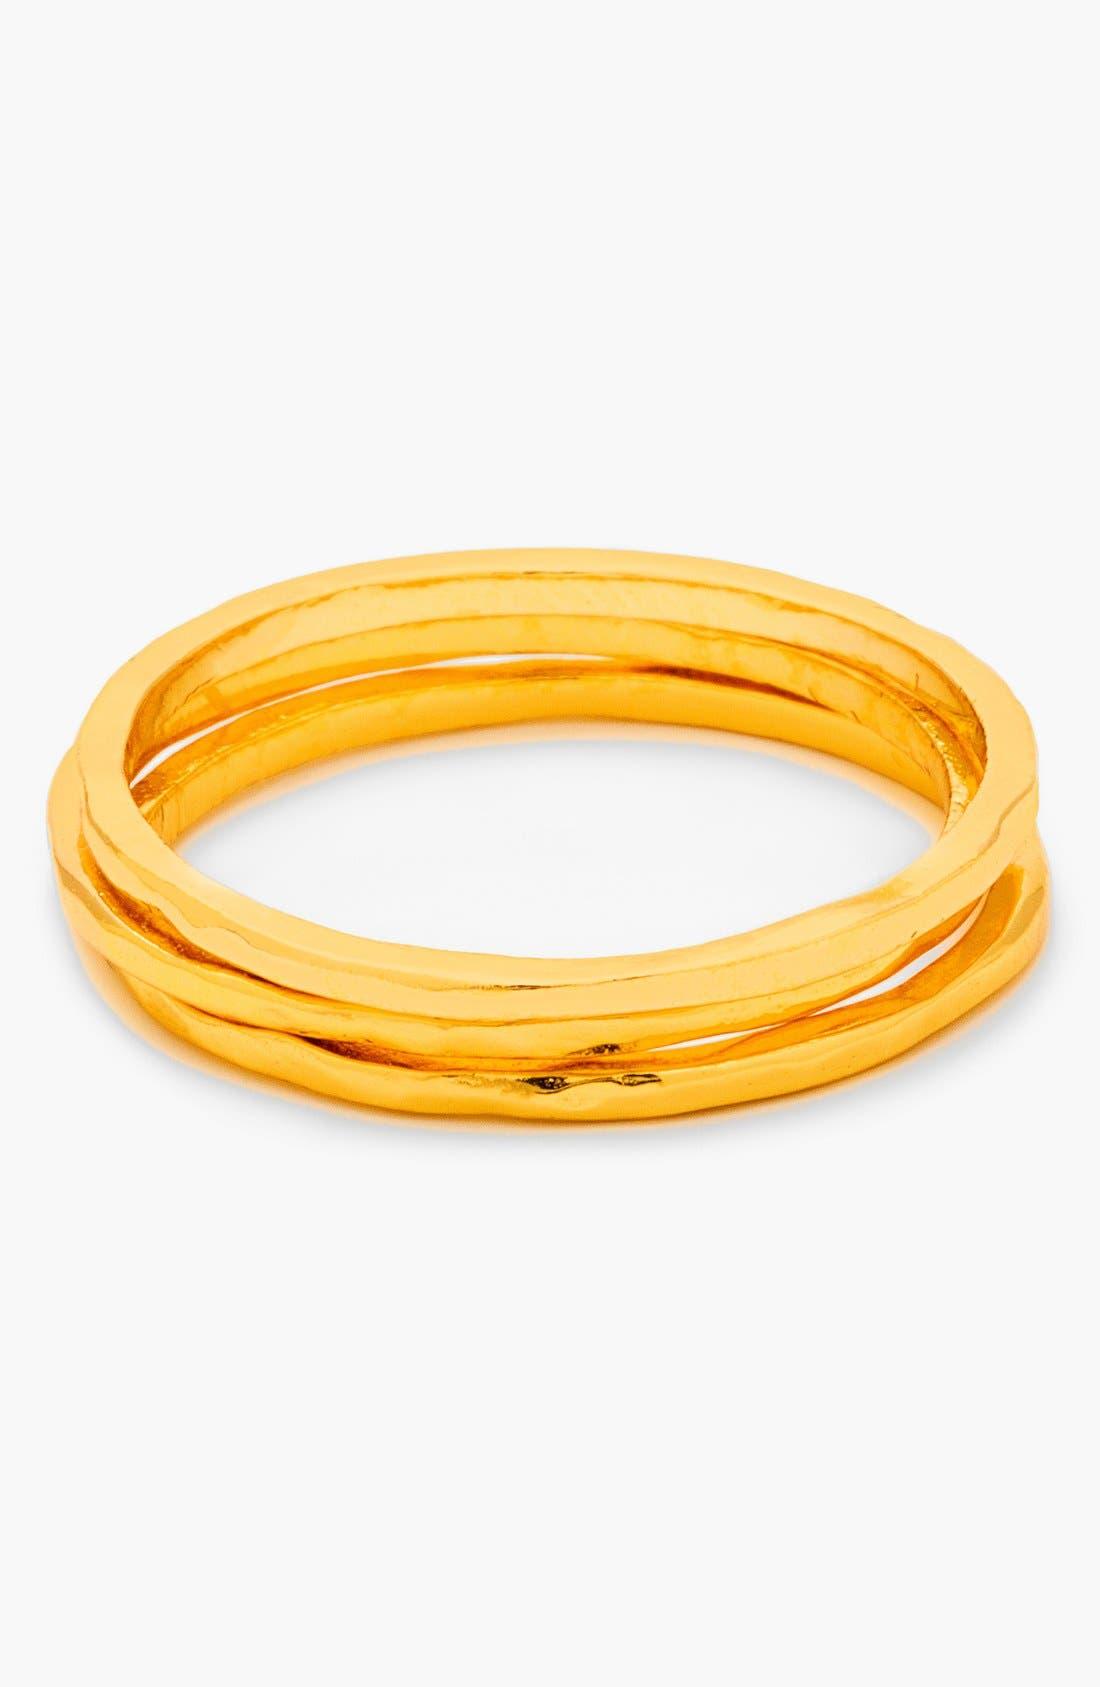 GORJANA, 'G Ring' Hammered Stack Rings, Main thumbnail 1, color, 710